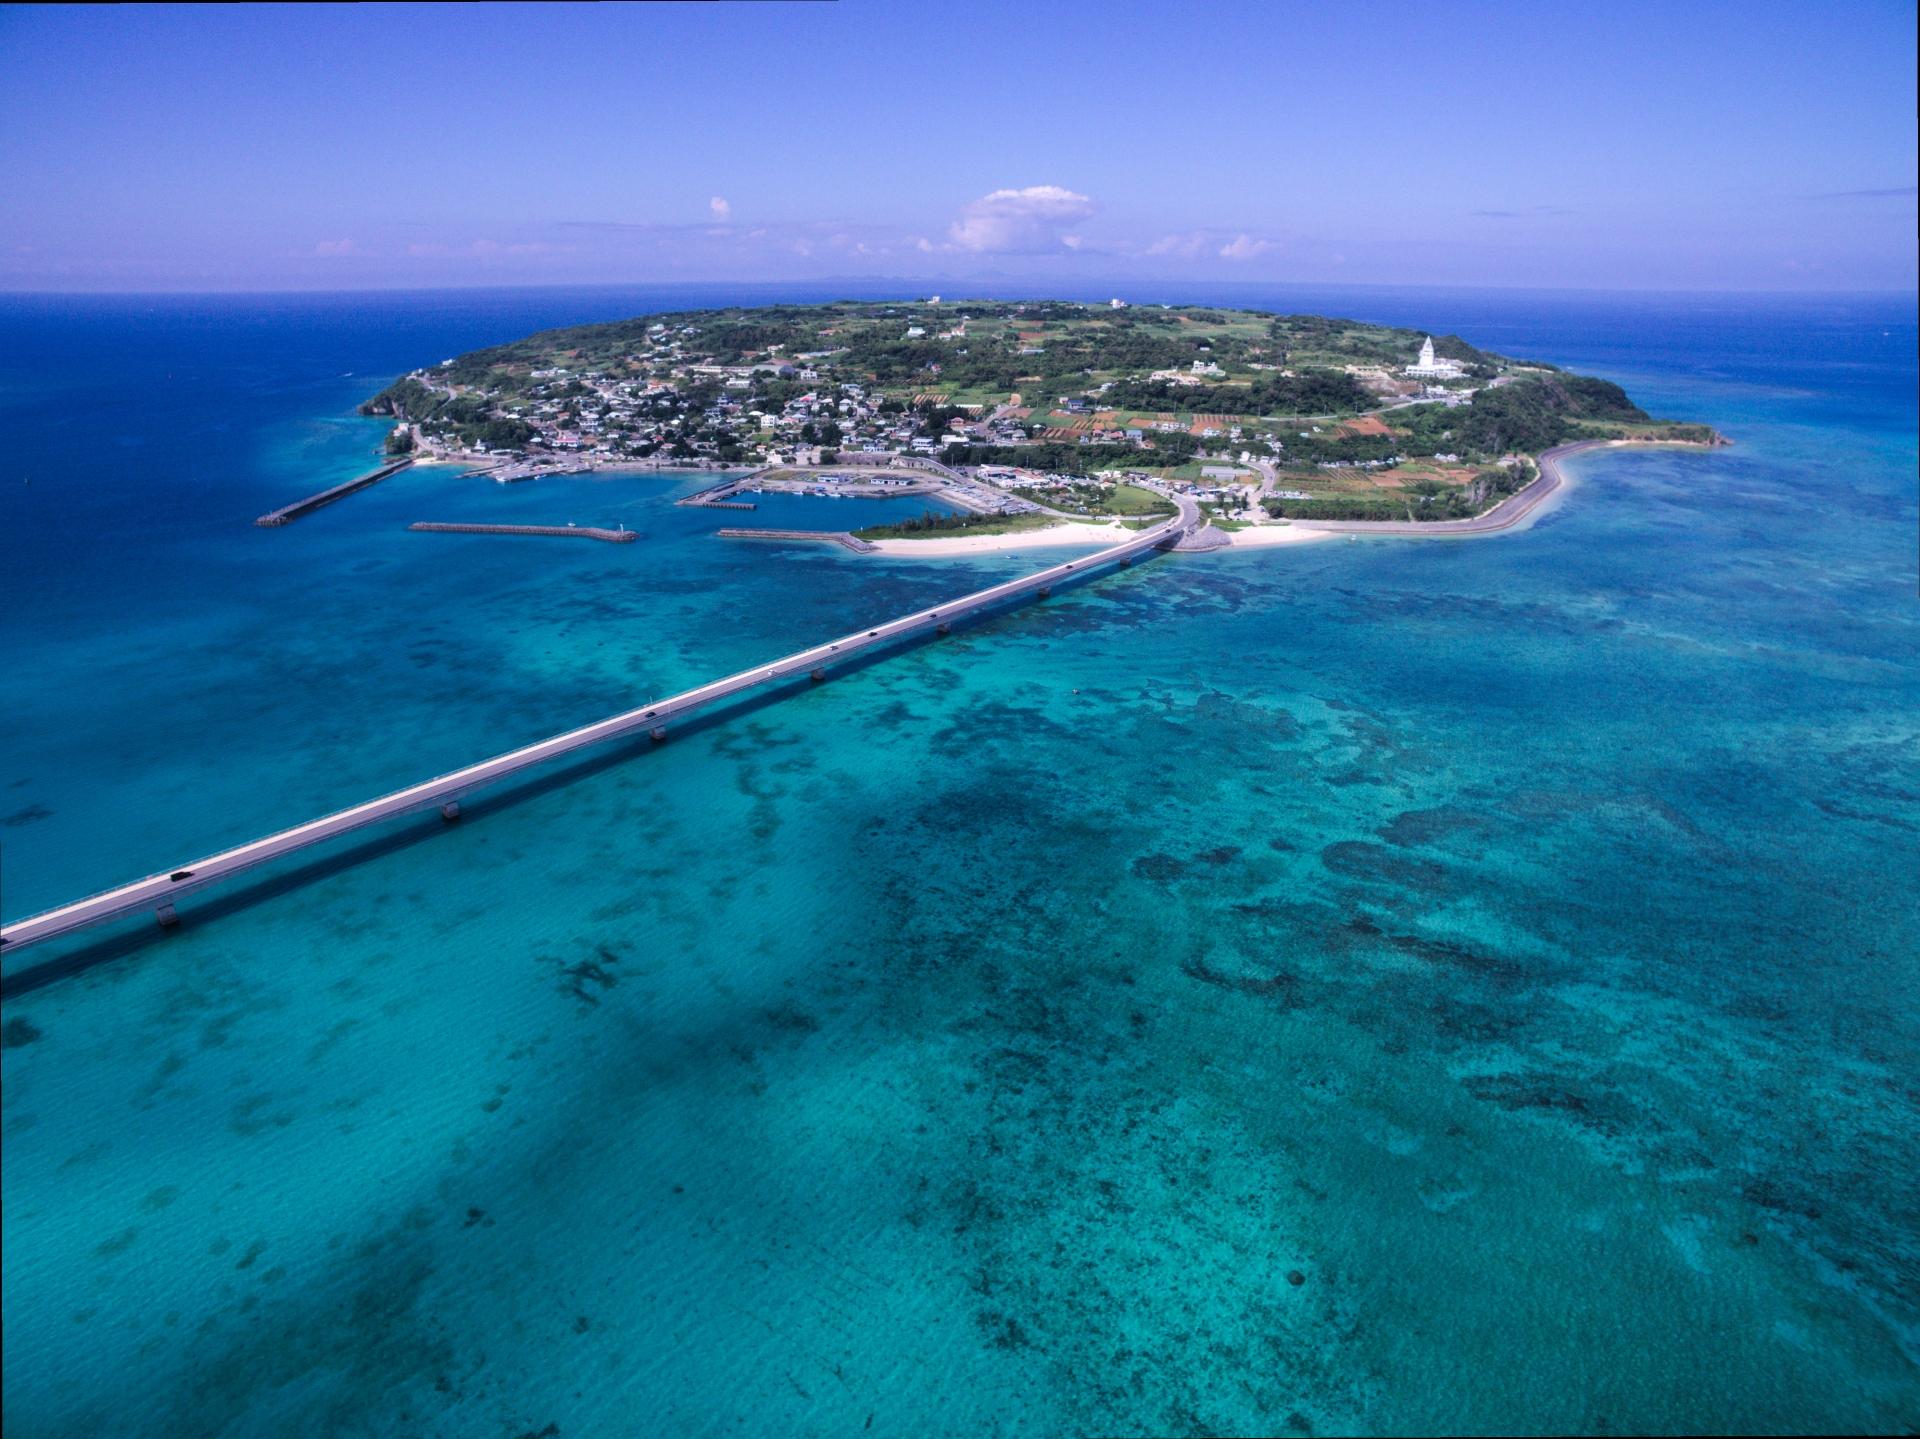 絶景!車で行ける離島「古宇利島」ホテル,宿泊施設一覧 30件